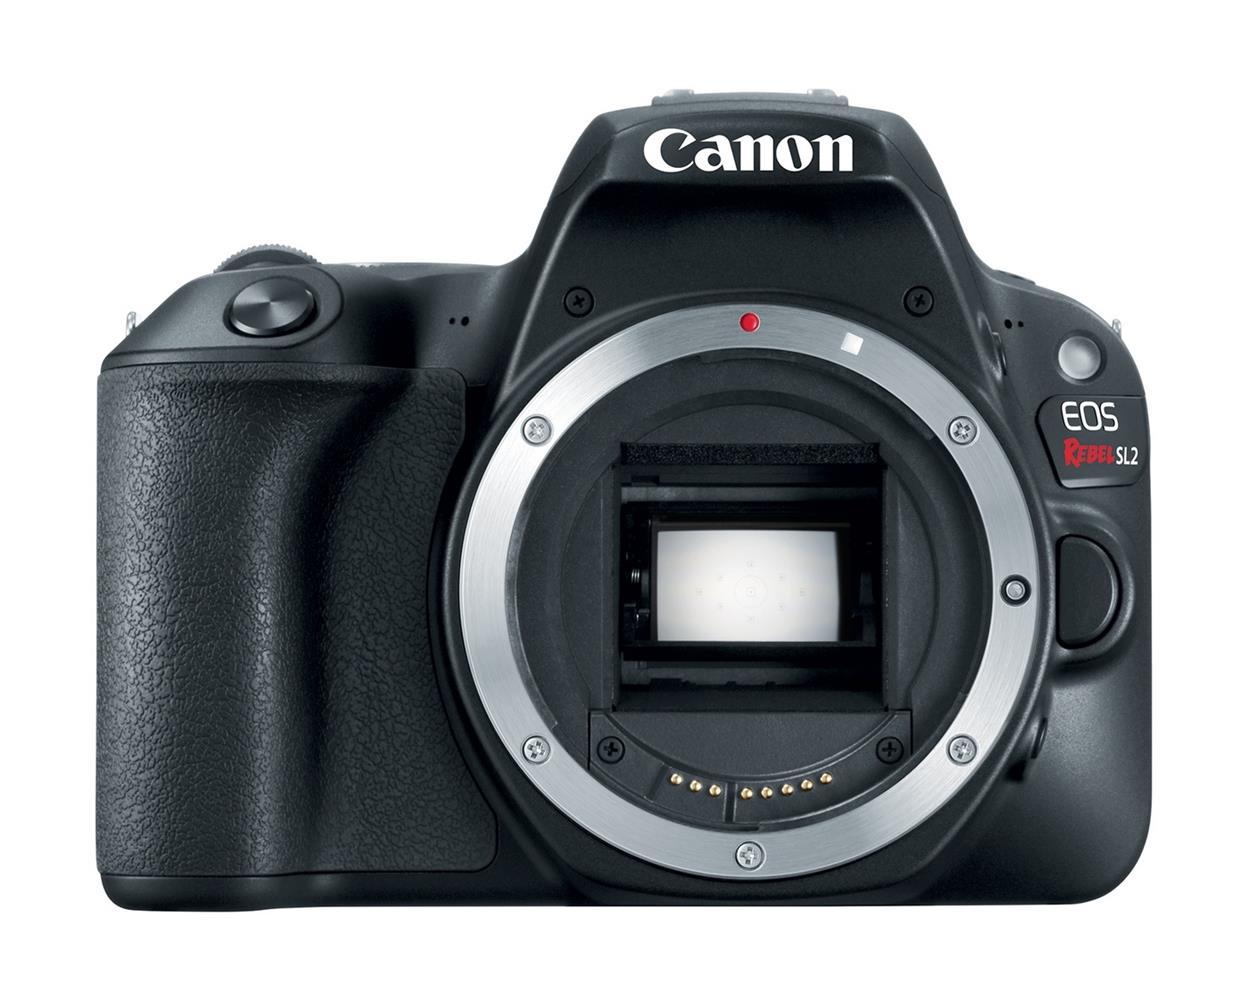 Canon Eos Rebel T5i Price Philippines